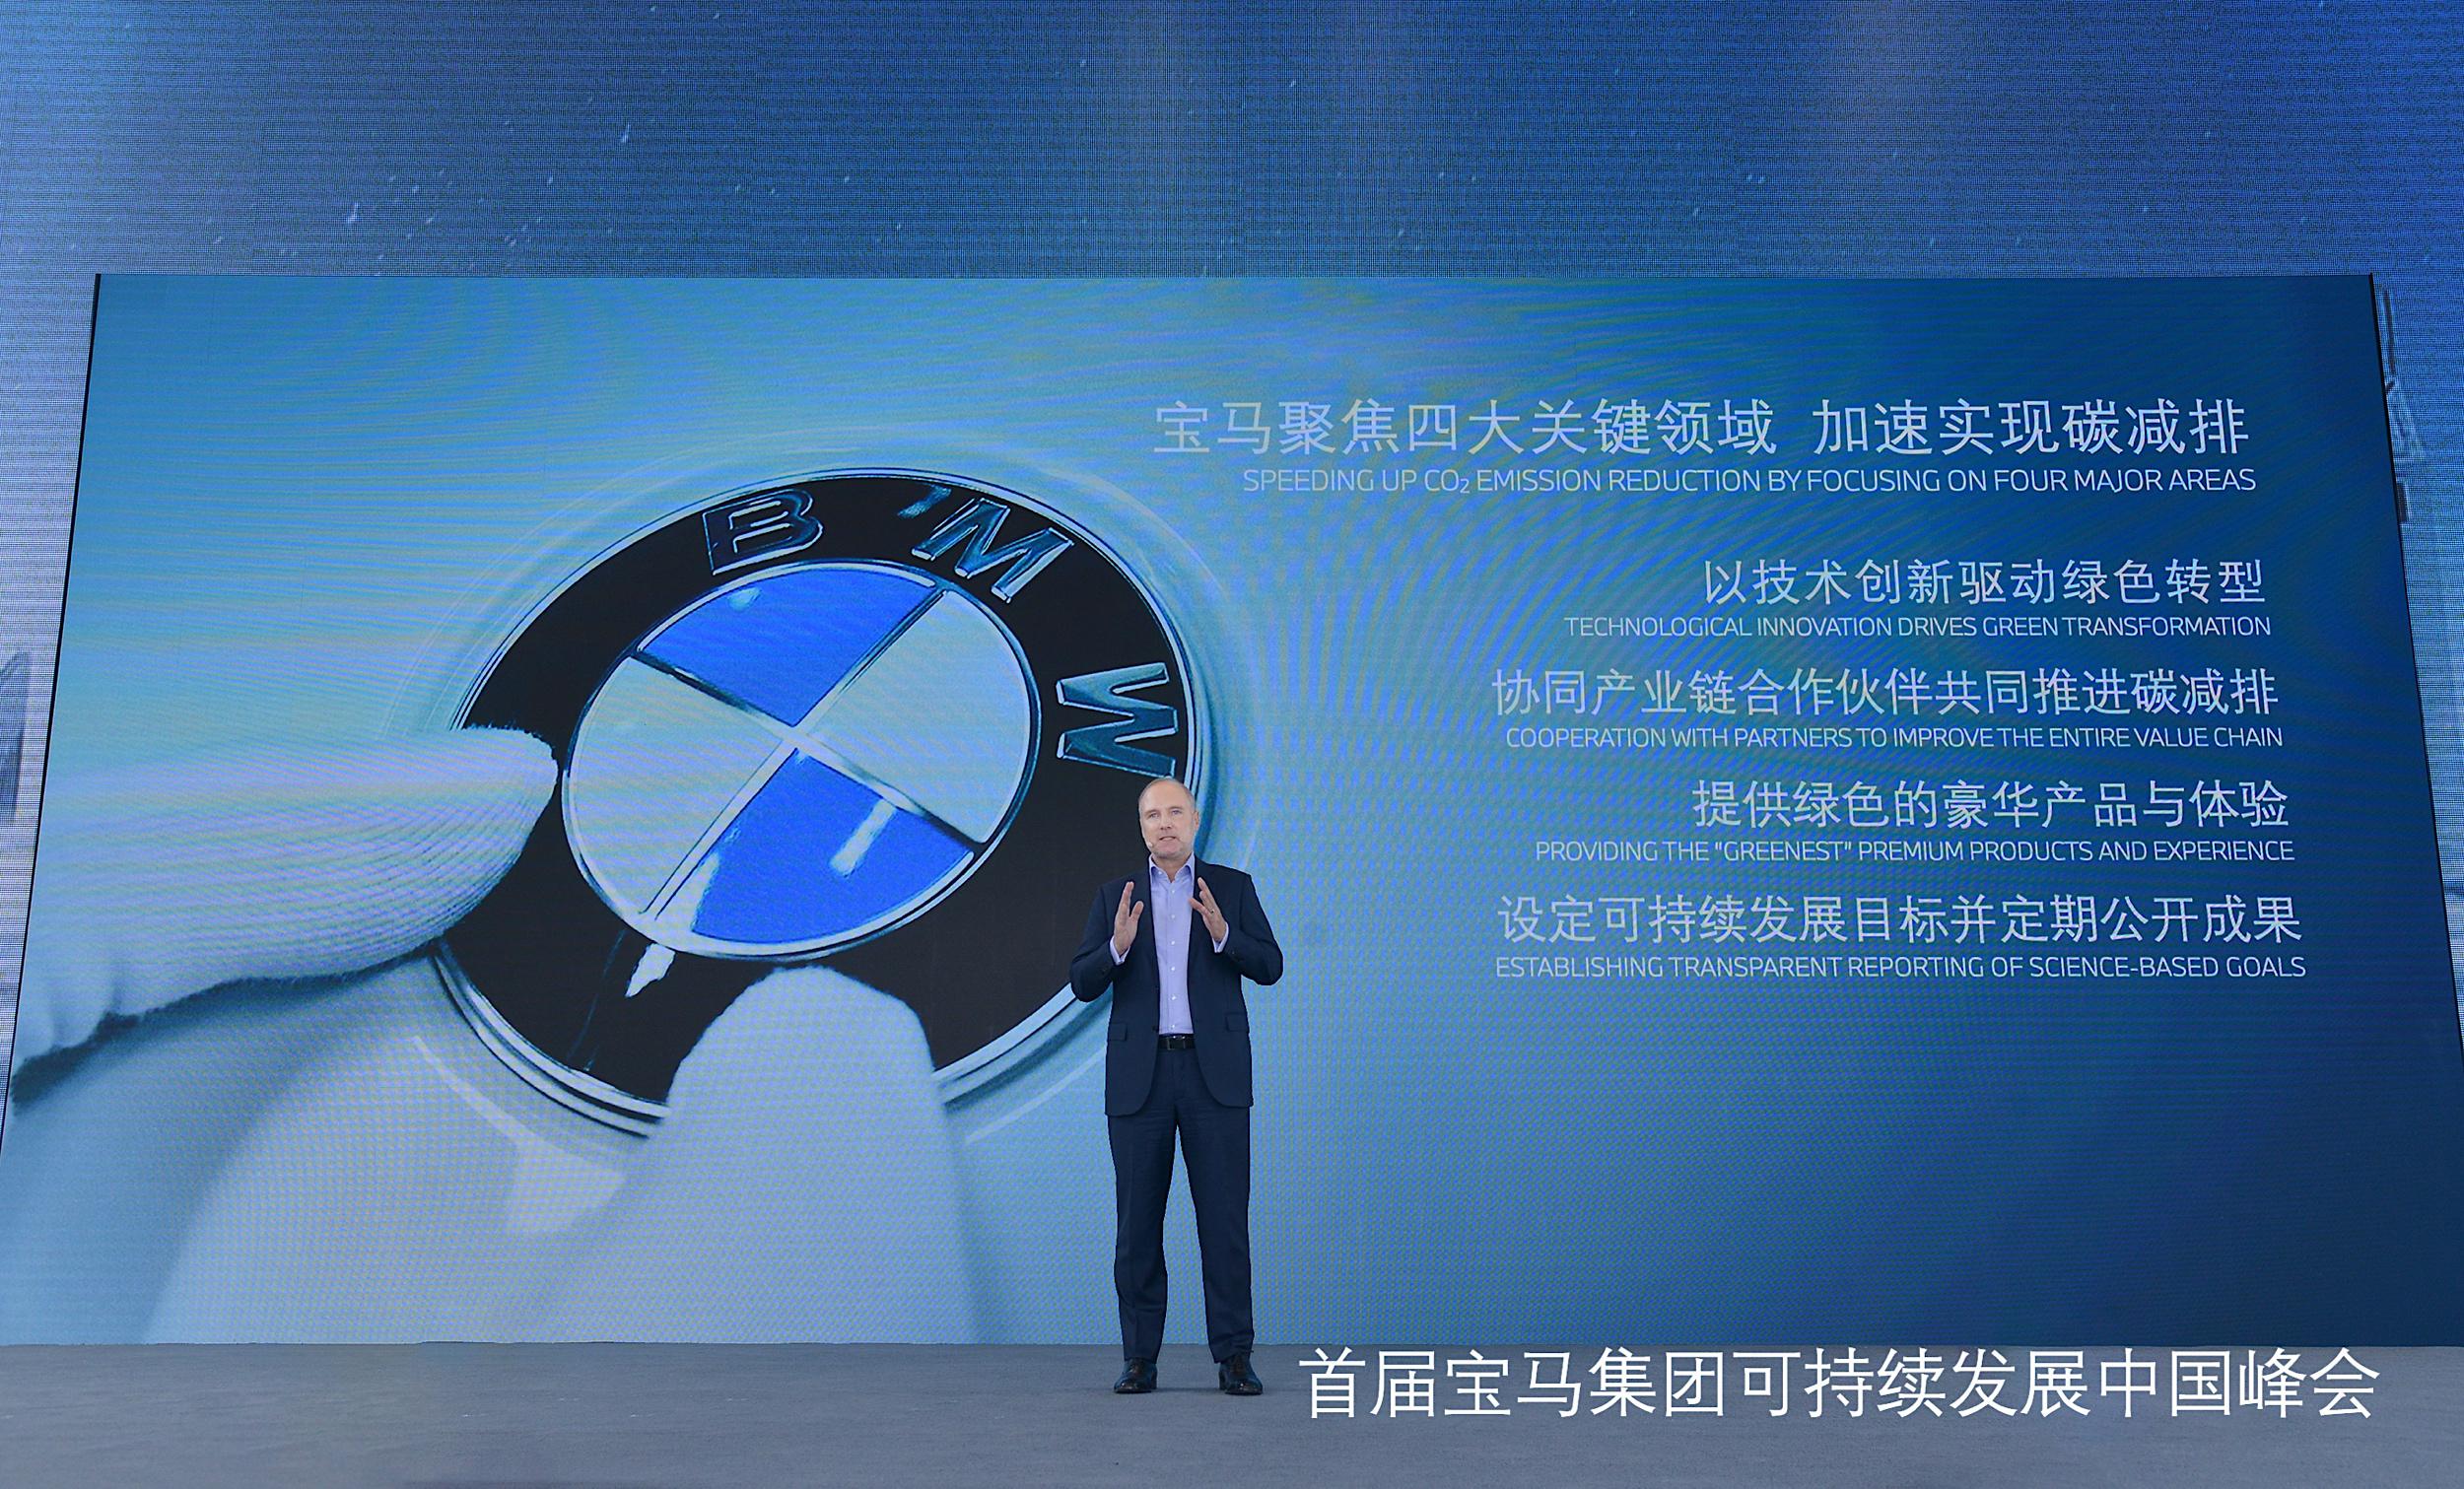 首屆可持續發展中國峰會開幕 寶馬聯合產業鏈打造最綠色電動車